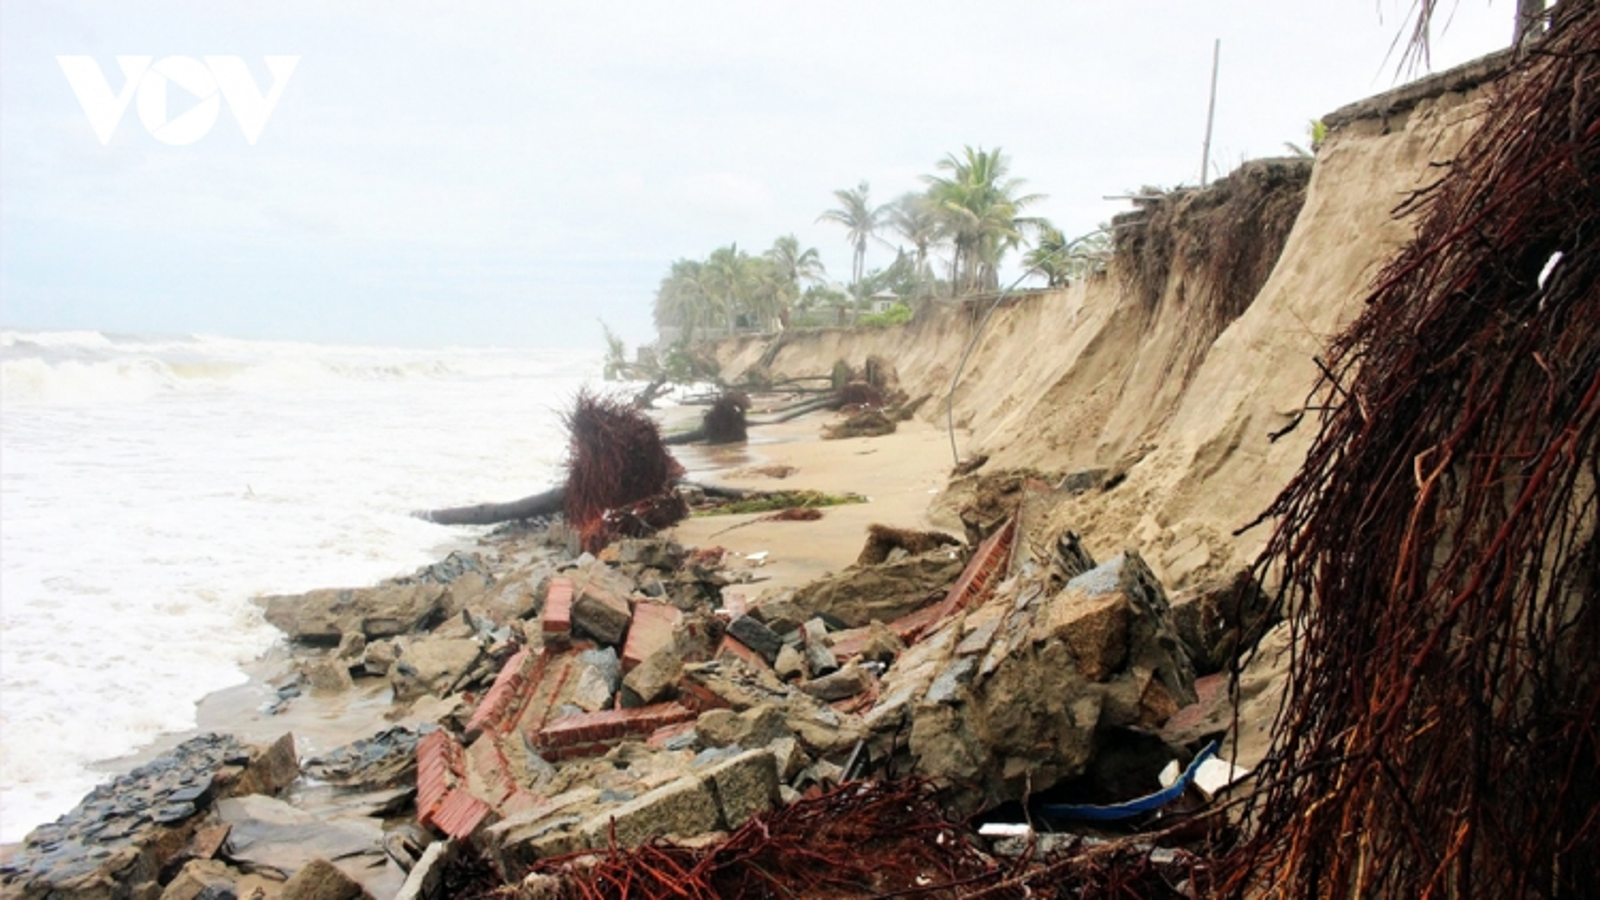 Quảng Nam phân bổ 200 tỷ đồng chống xói lở bờ biển Cửa Đại